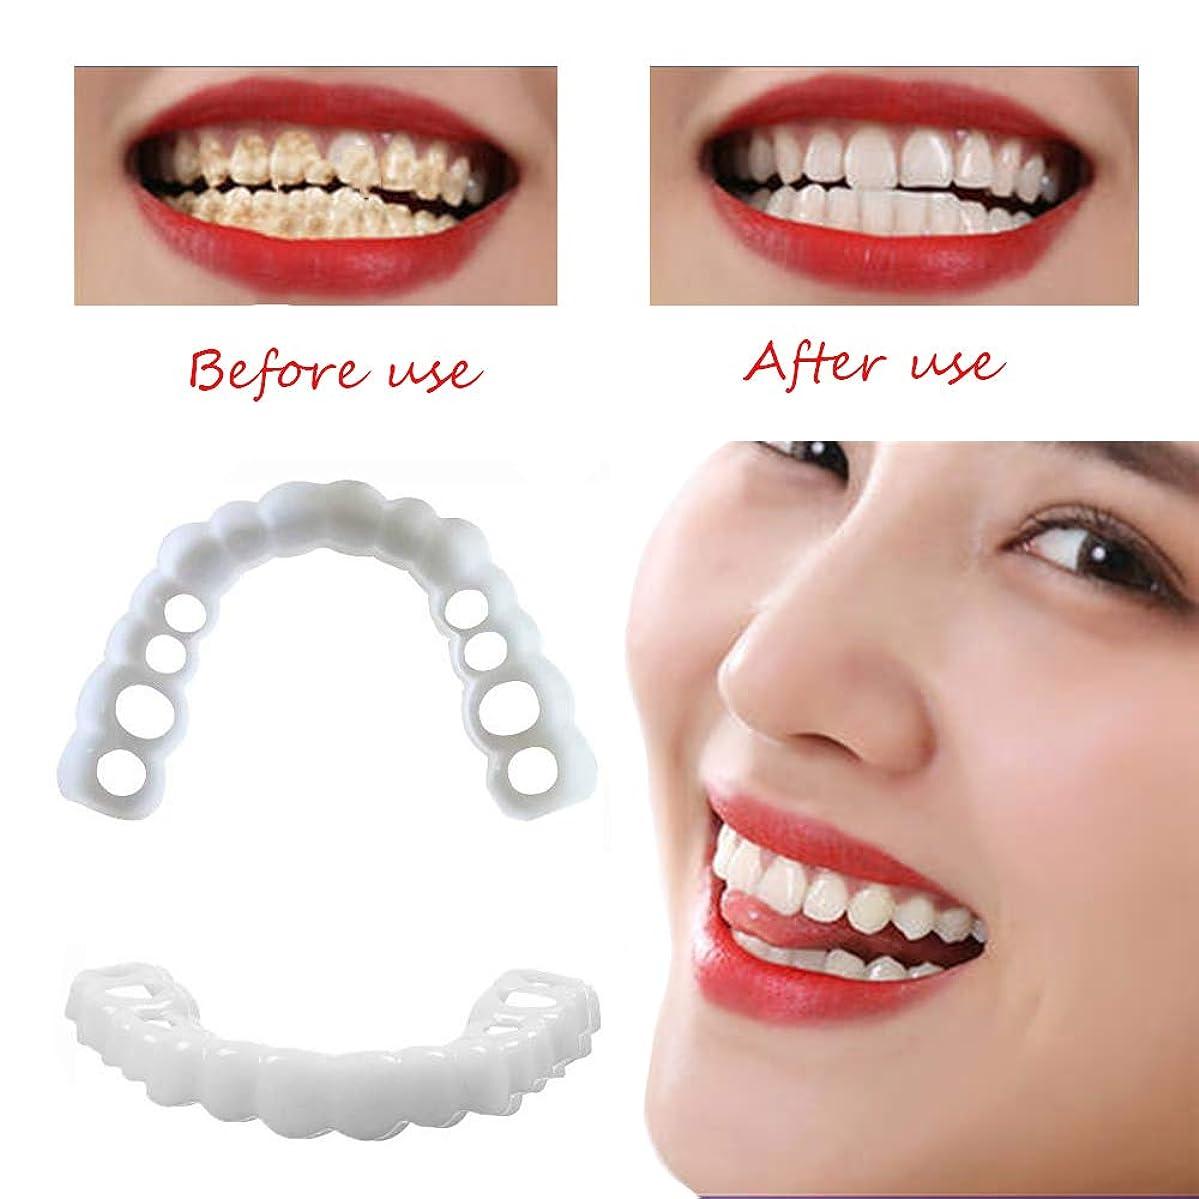 ウイルス絶妙留め金歯の入れ歯歯の化粧品一時的な笑顔の快適フィット化粧品の歯の入れ歯(4ペア、白),10Pairs